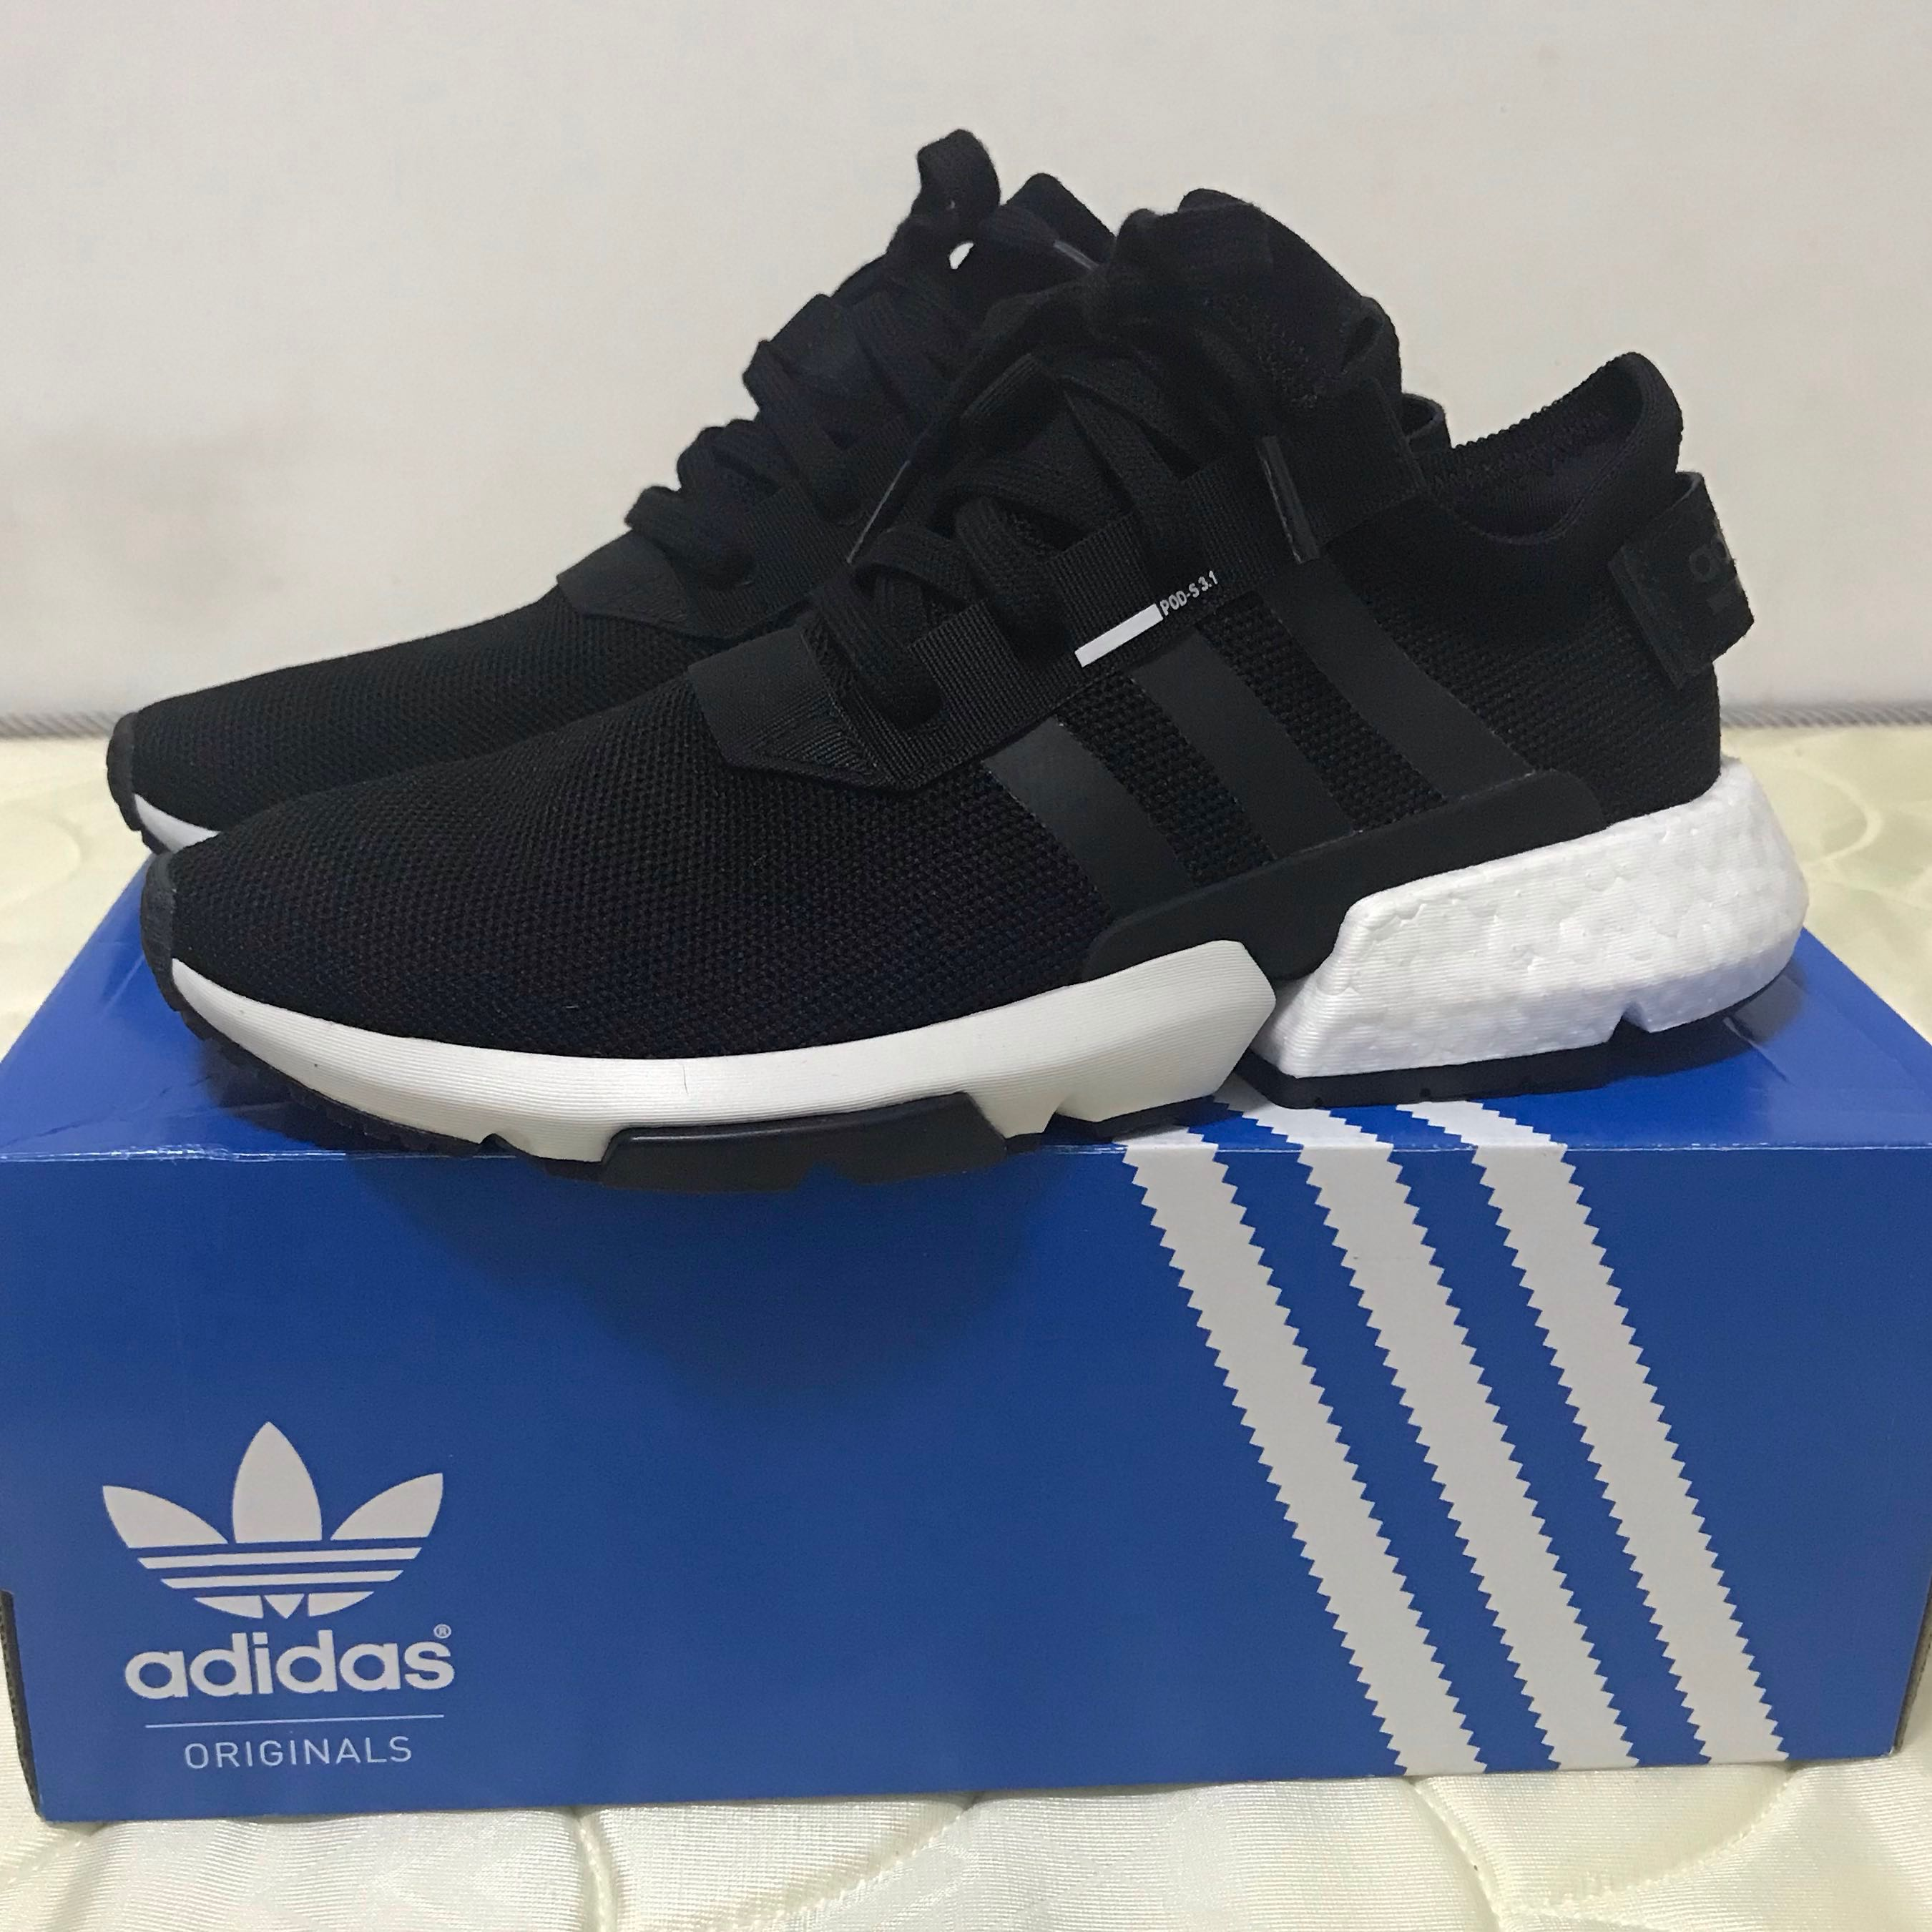 6160b5cd6a9f POD-S3.1 Adidas